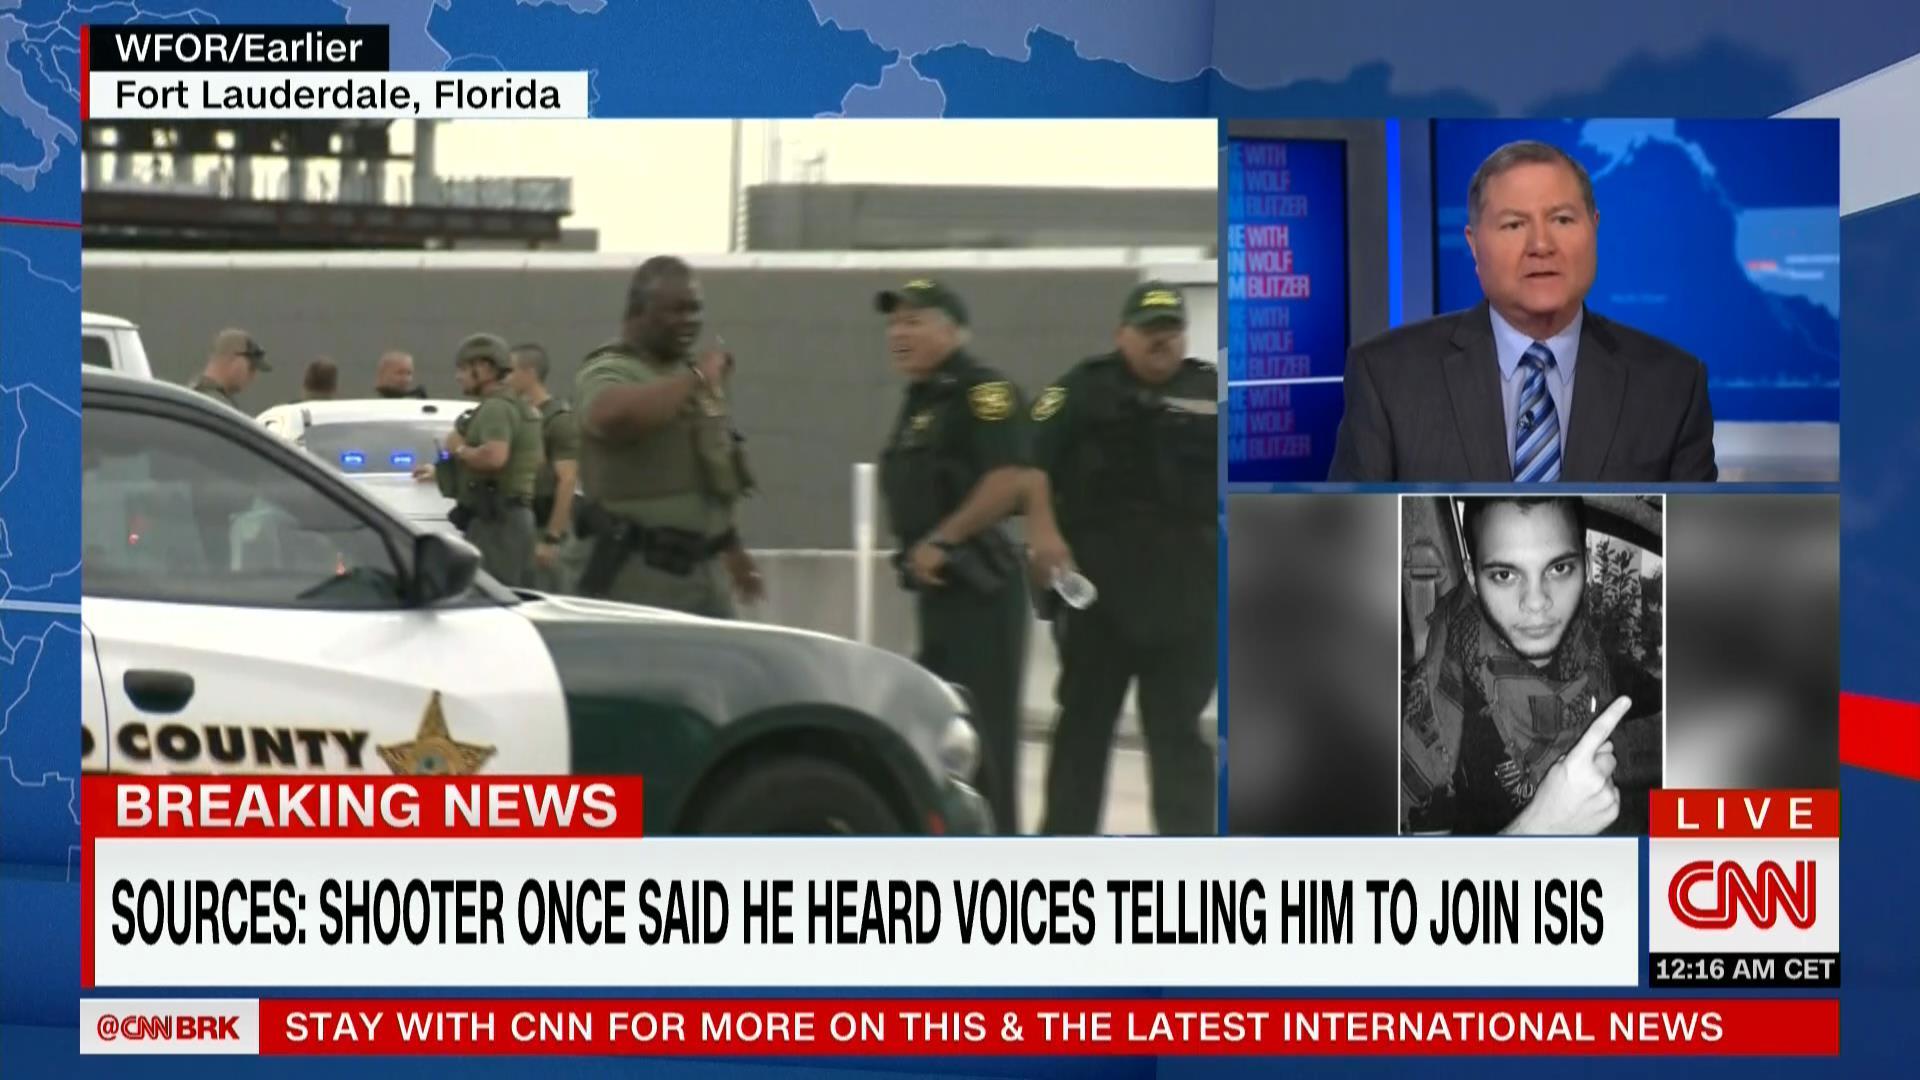 """مسؤولون لـCNN: المشتبه به في إطلاق النار بمطار """"فورت لودرديل"""" أخبر FBI أن """"أصواتاً برأسه حثته على الانضمام لداعش"""""""